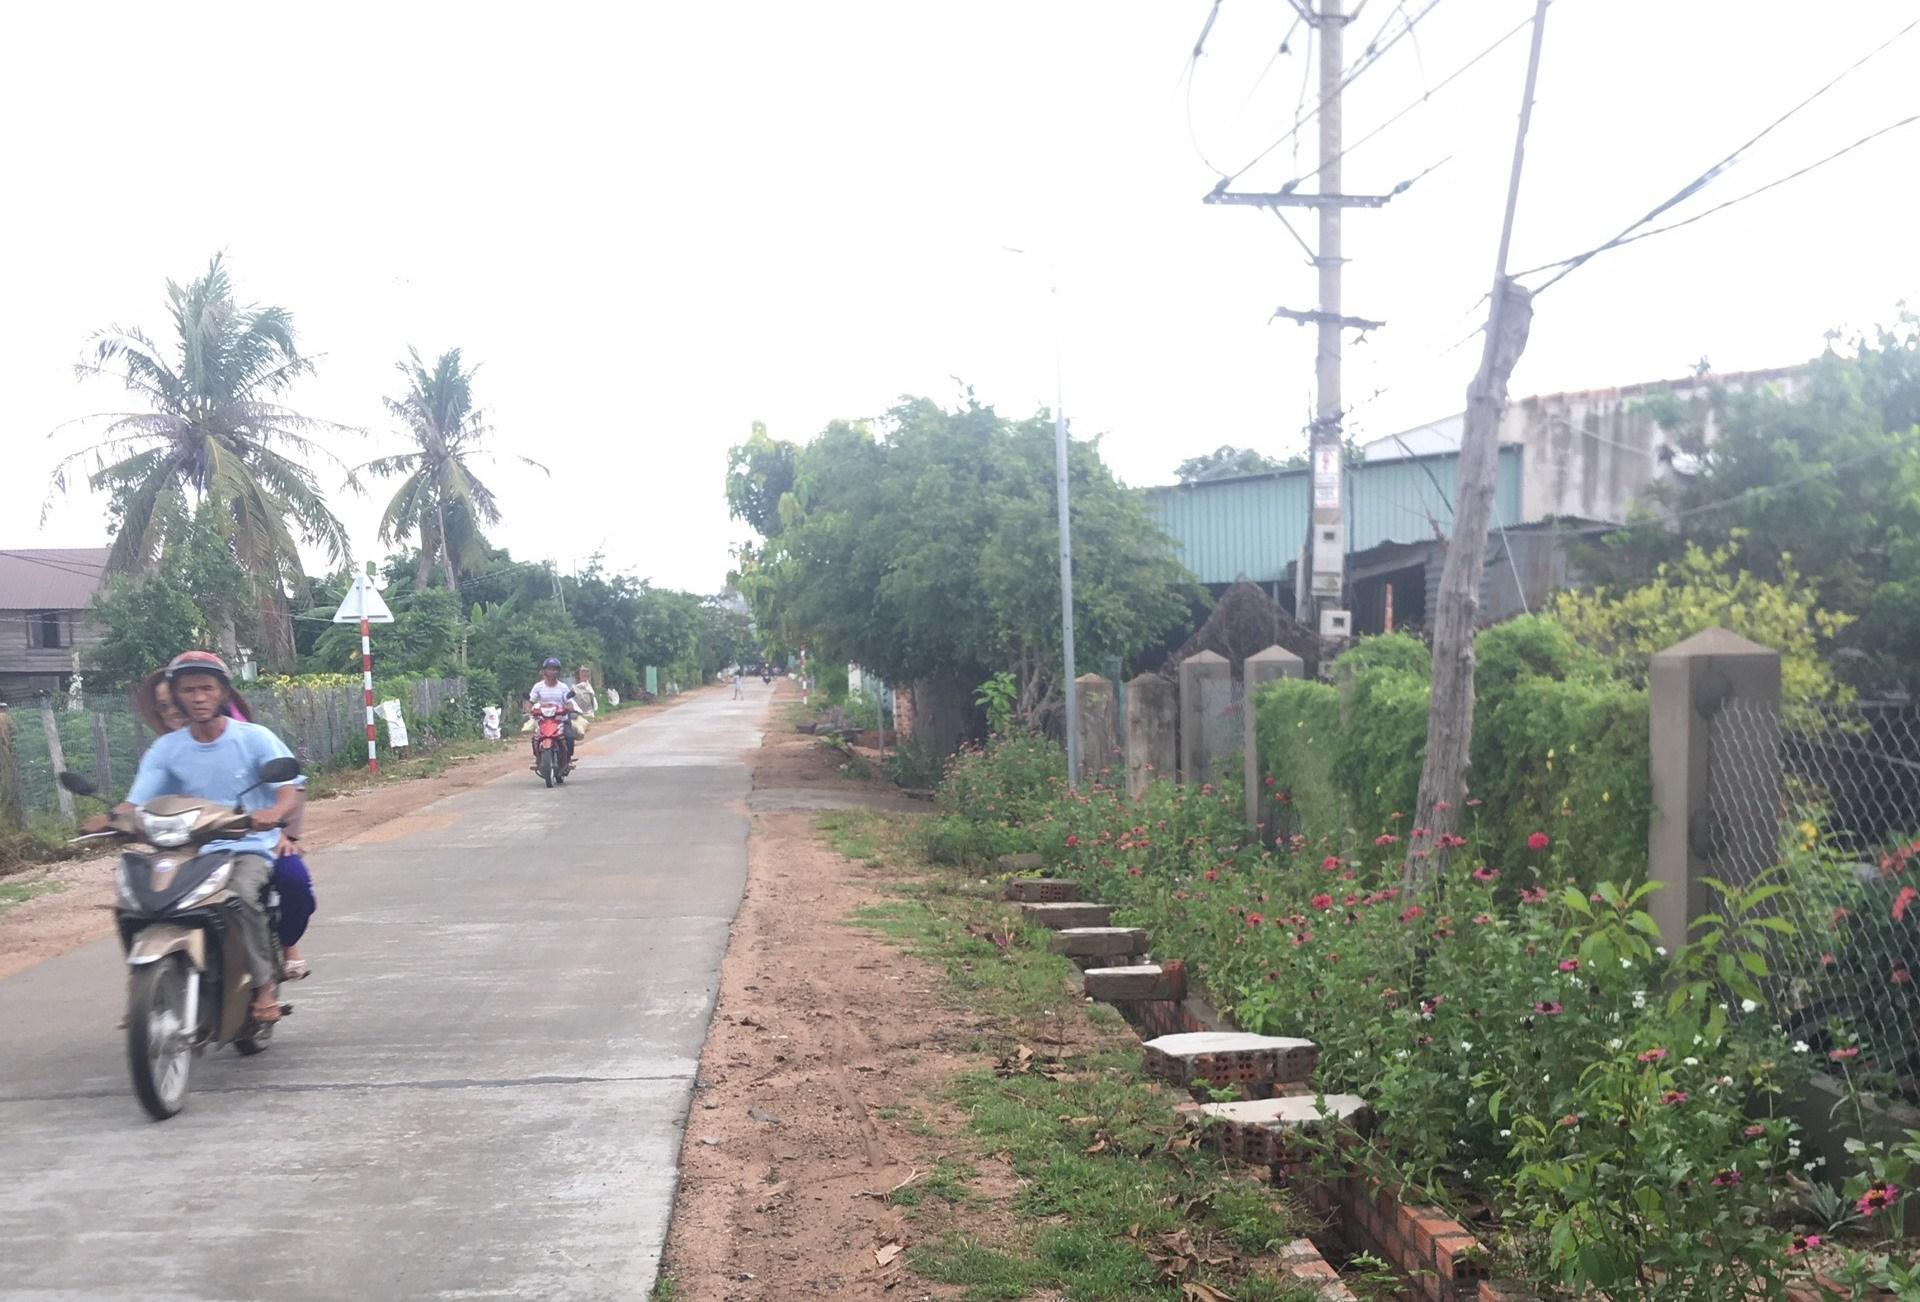 Đường chính vào làng Sô Ma Lơng A, xã Chrôh Pơnan, huyện Phú Thiện.